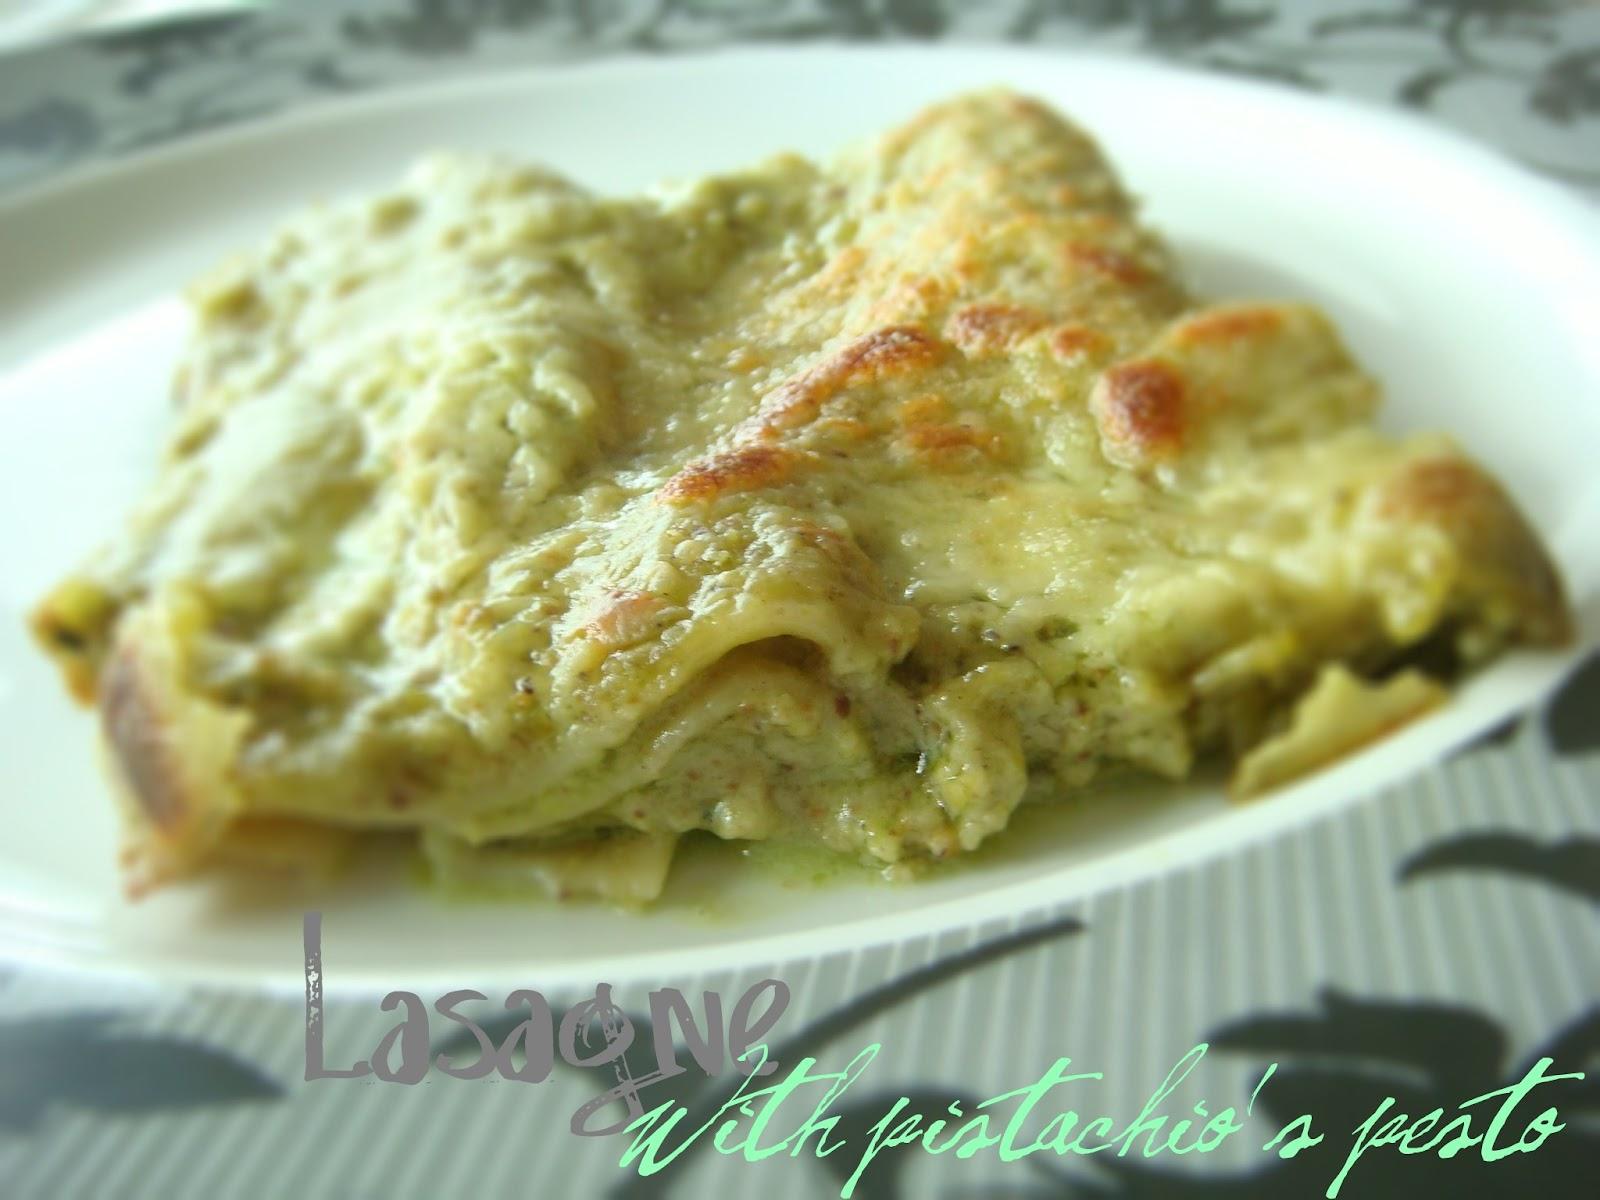 Ricetta Lasagne with pistachio s pesto Le Sagne Verdi